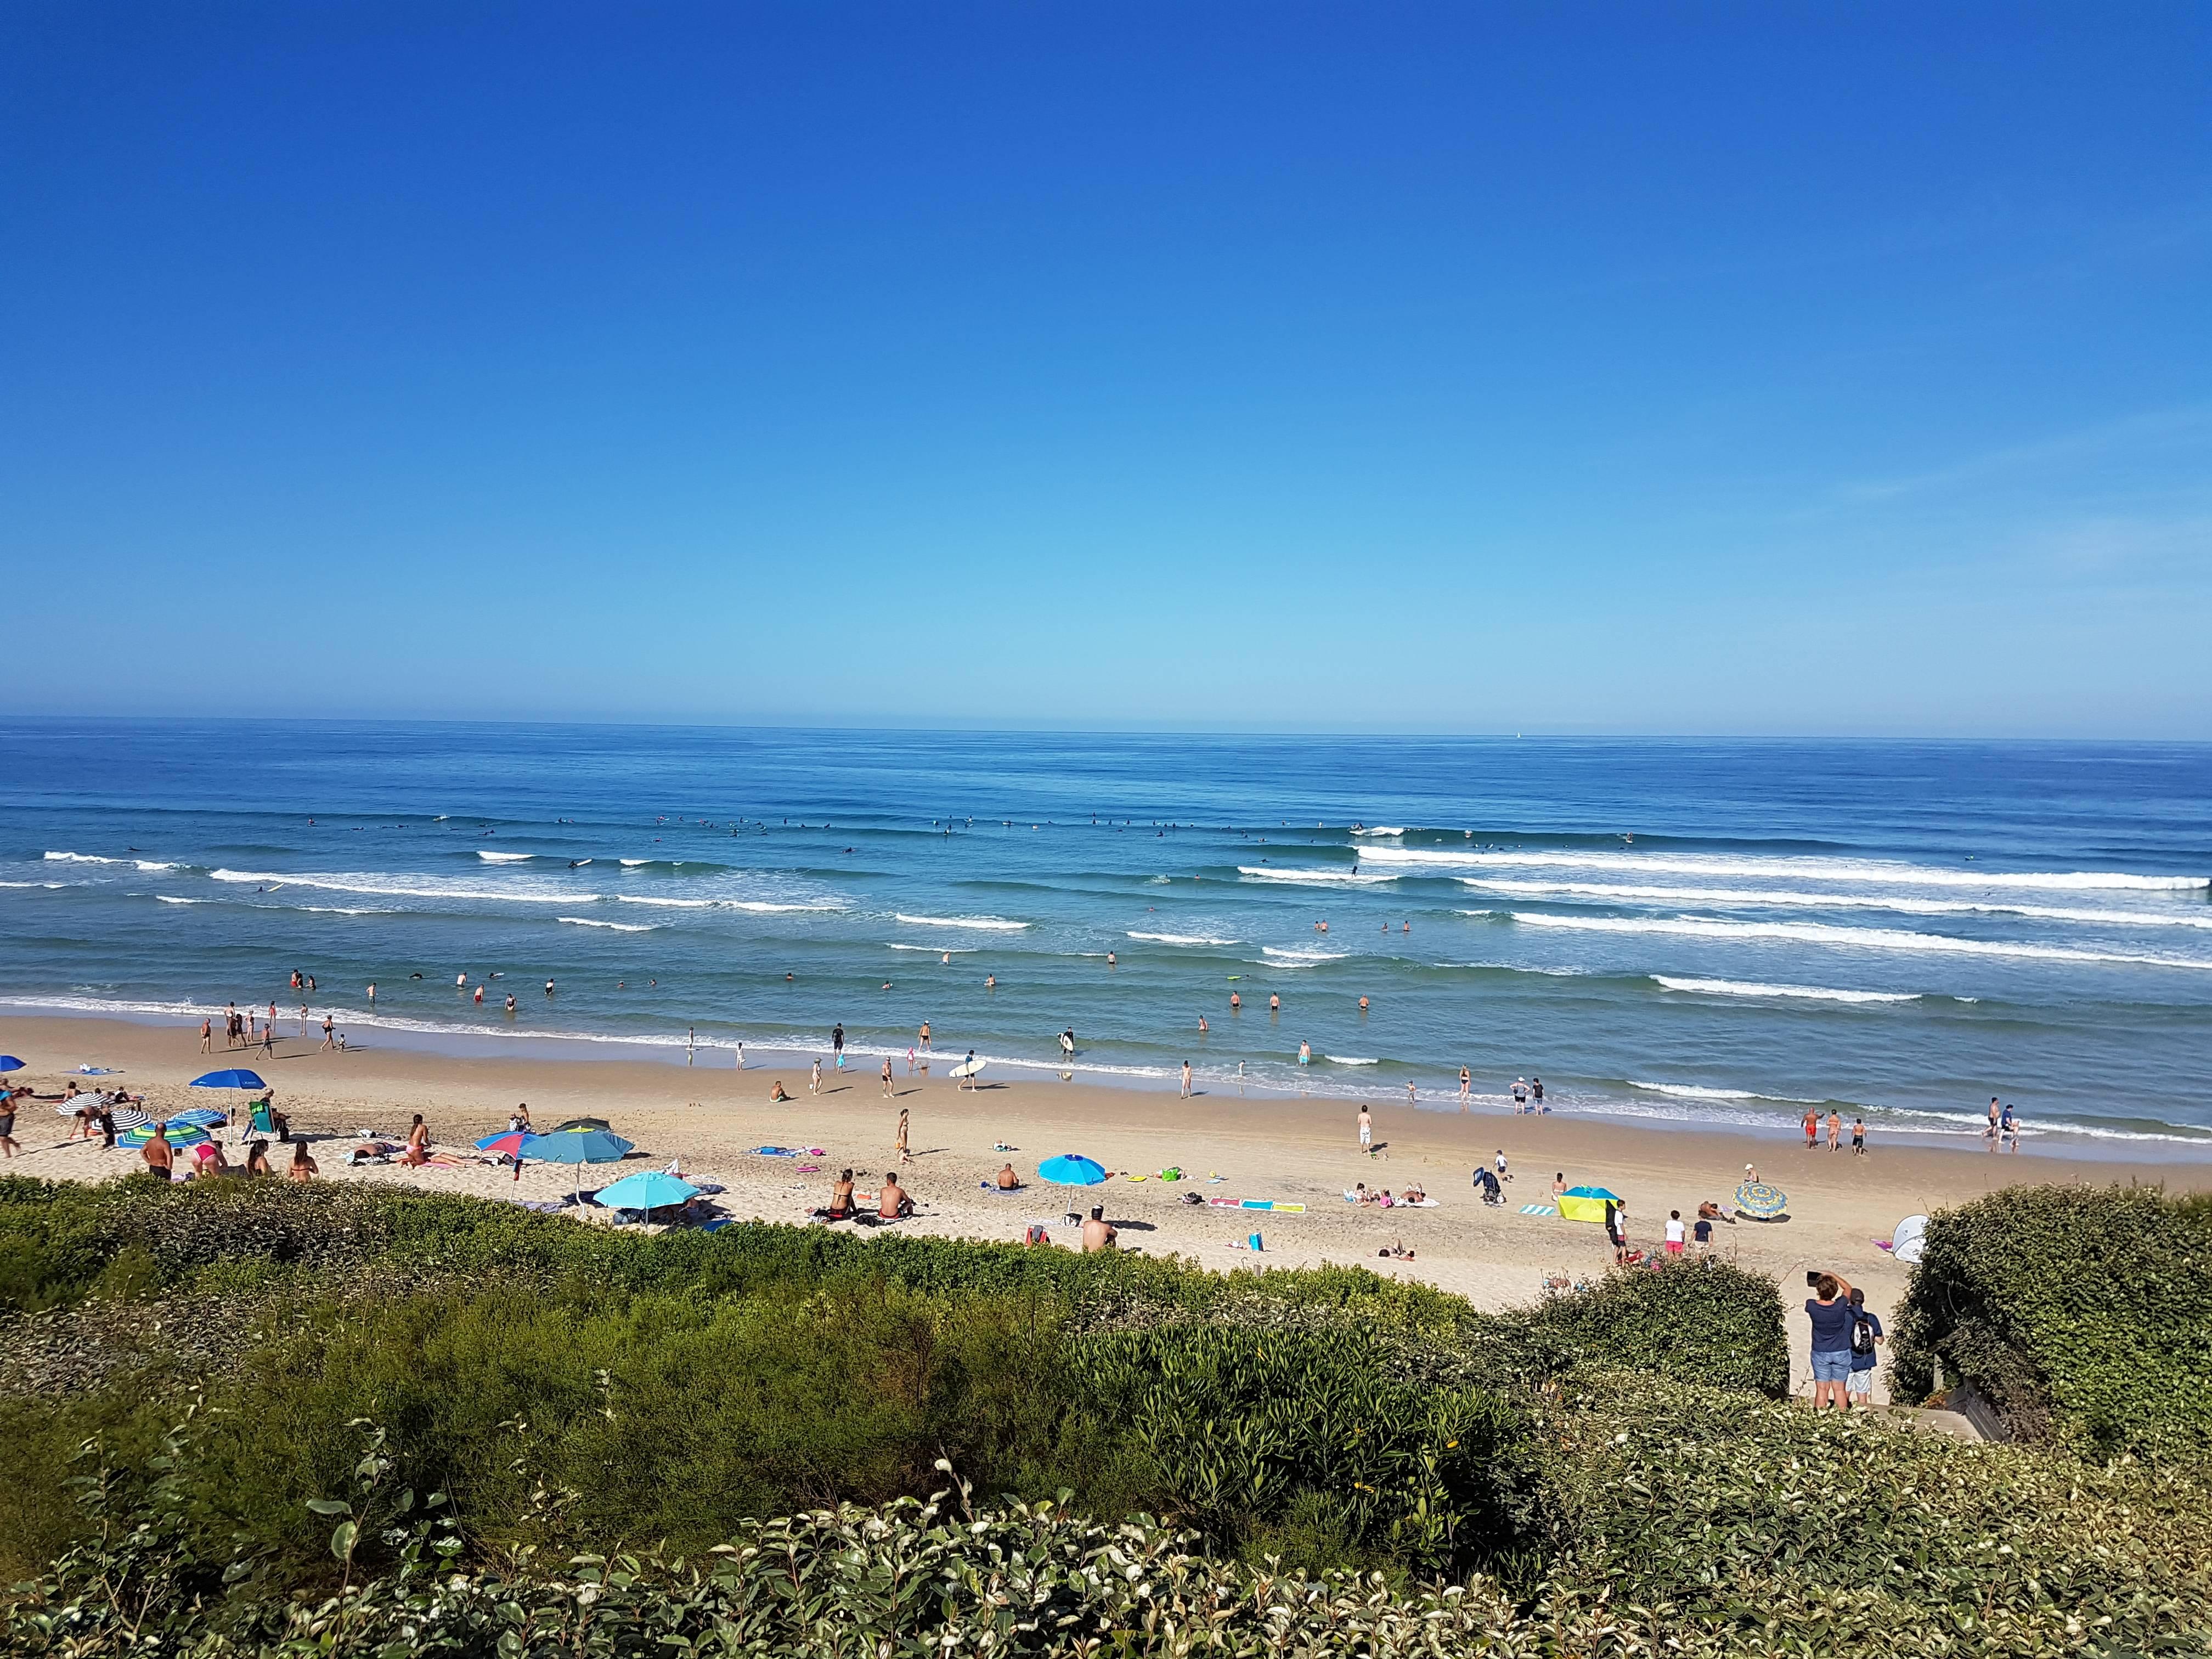 Photo 1: Bisca et l'océan